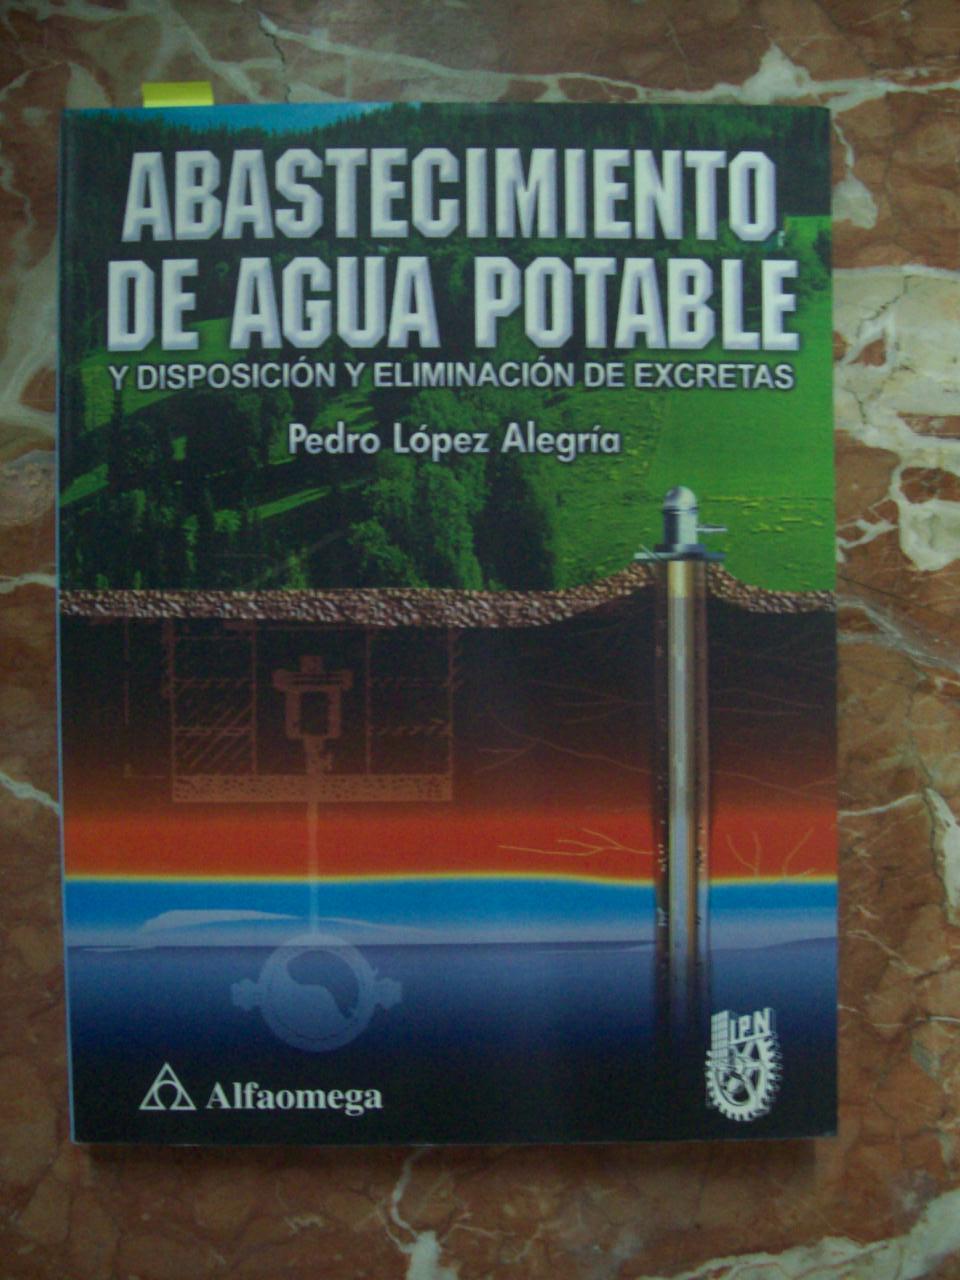 Abastecimiento de agua potable y disposici n y eliminaci n for Agua potable